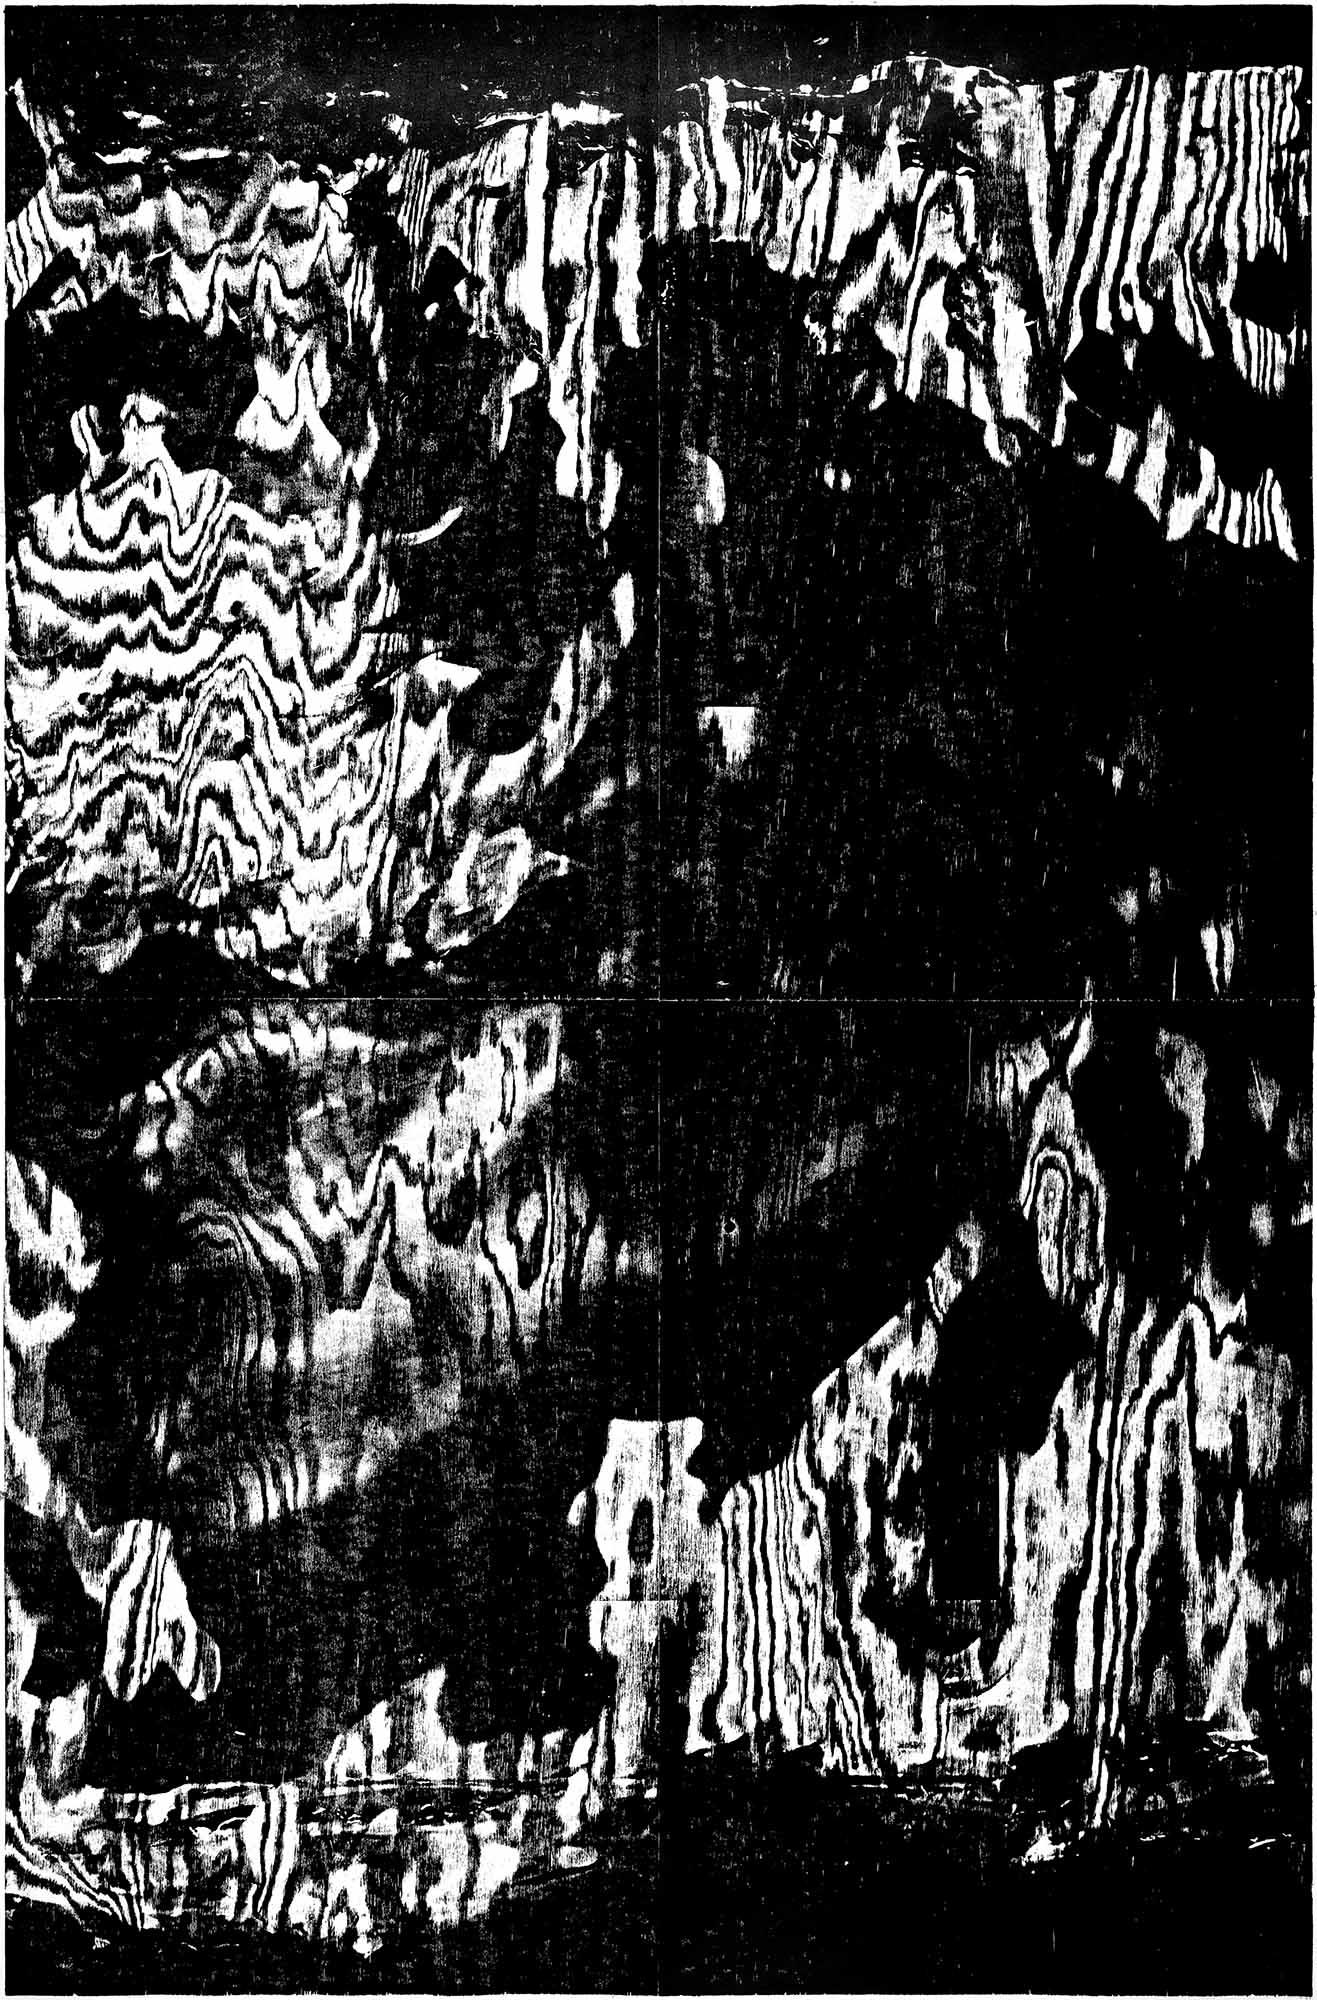 Flammen, 2020, 183,5 x 121 cm, Holzgravur (Kiefer), Auflage 14 + 4 AP Edition Kunsthalle Darmstadt